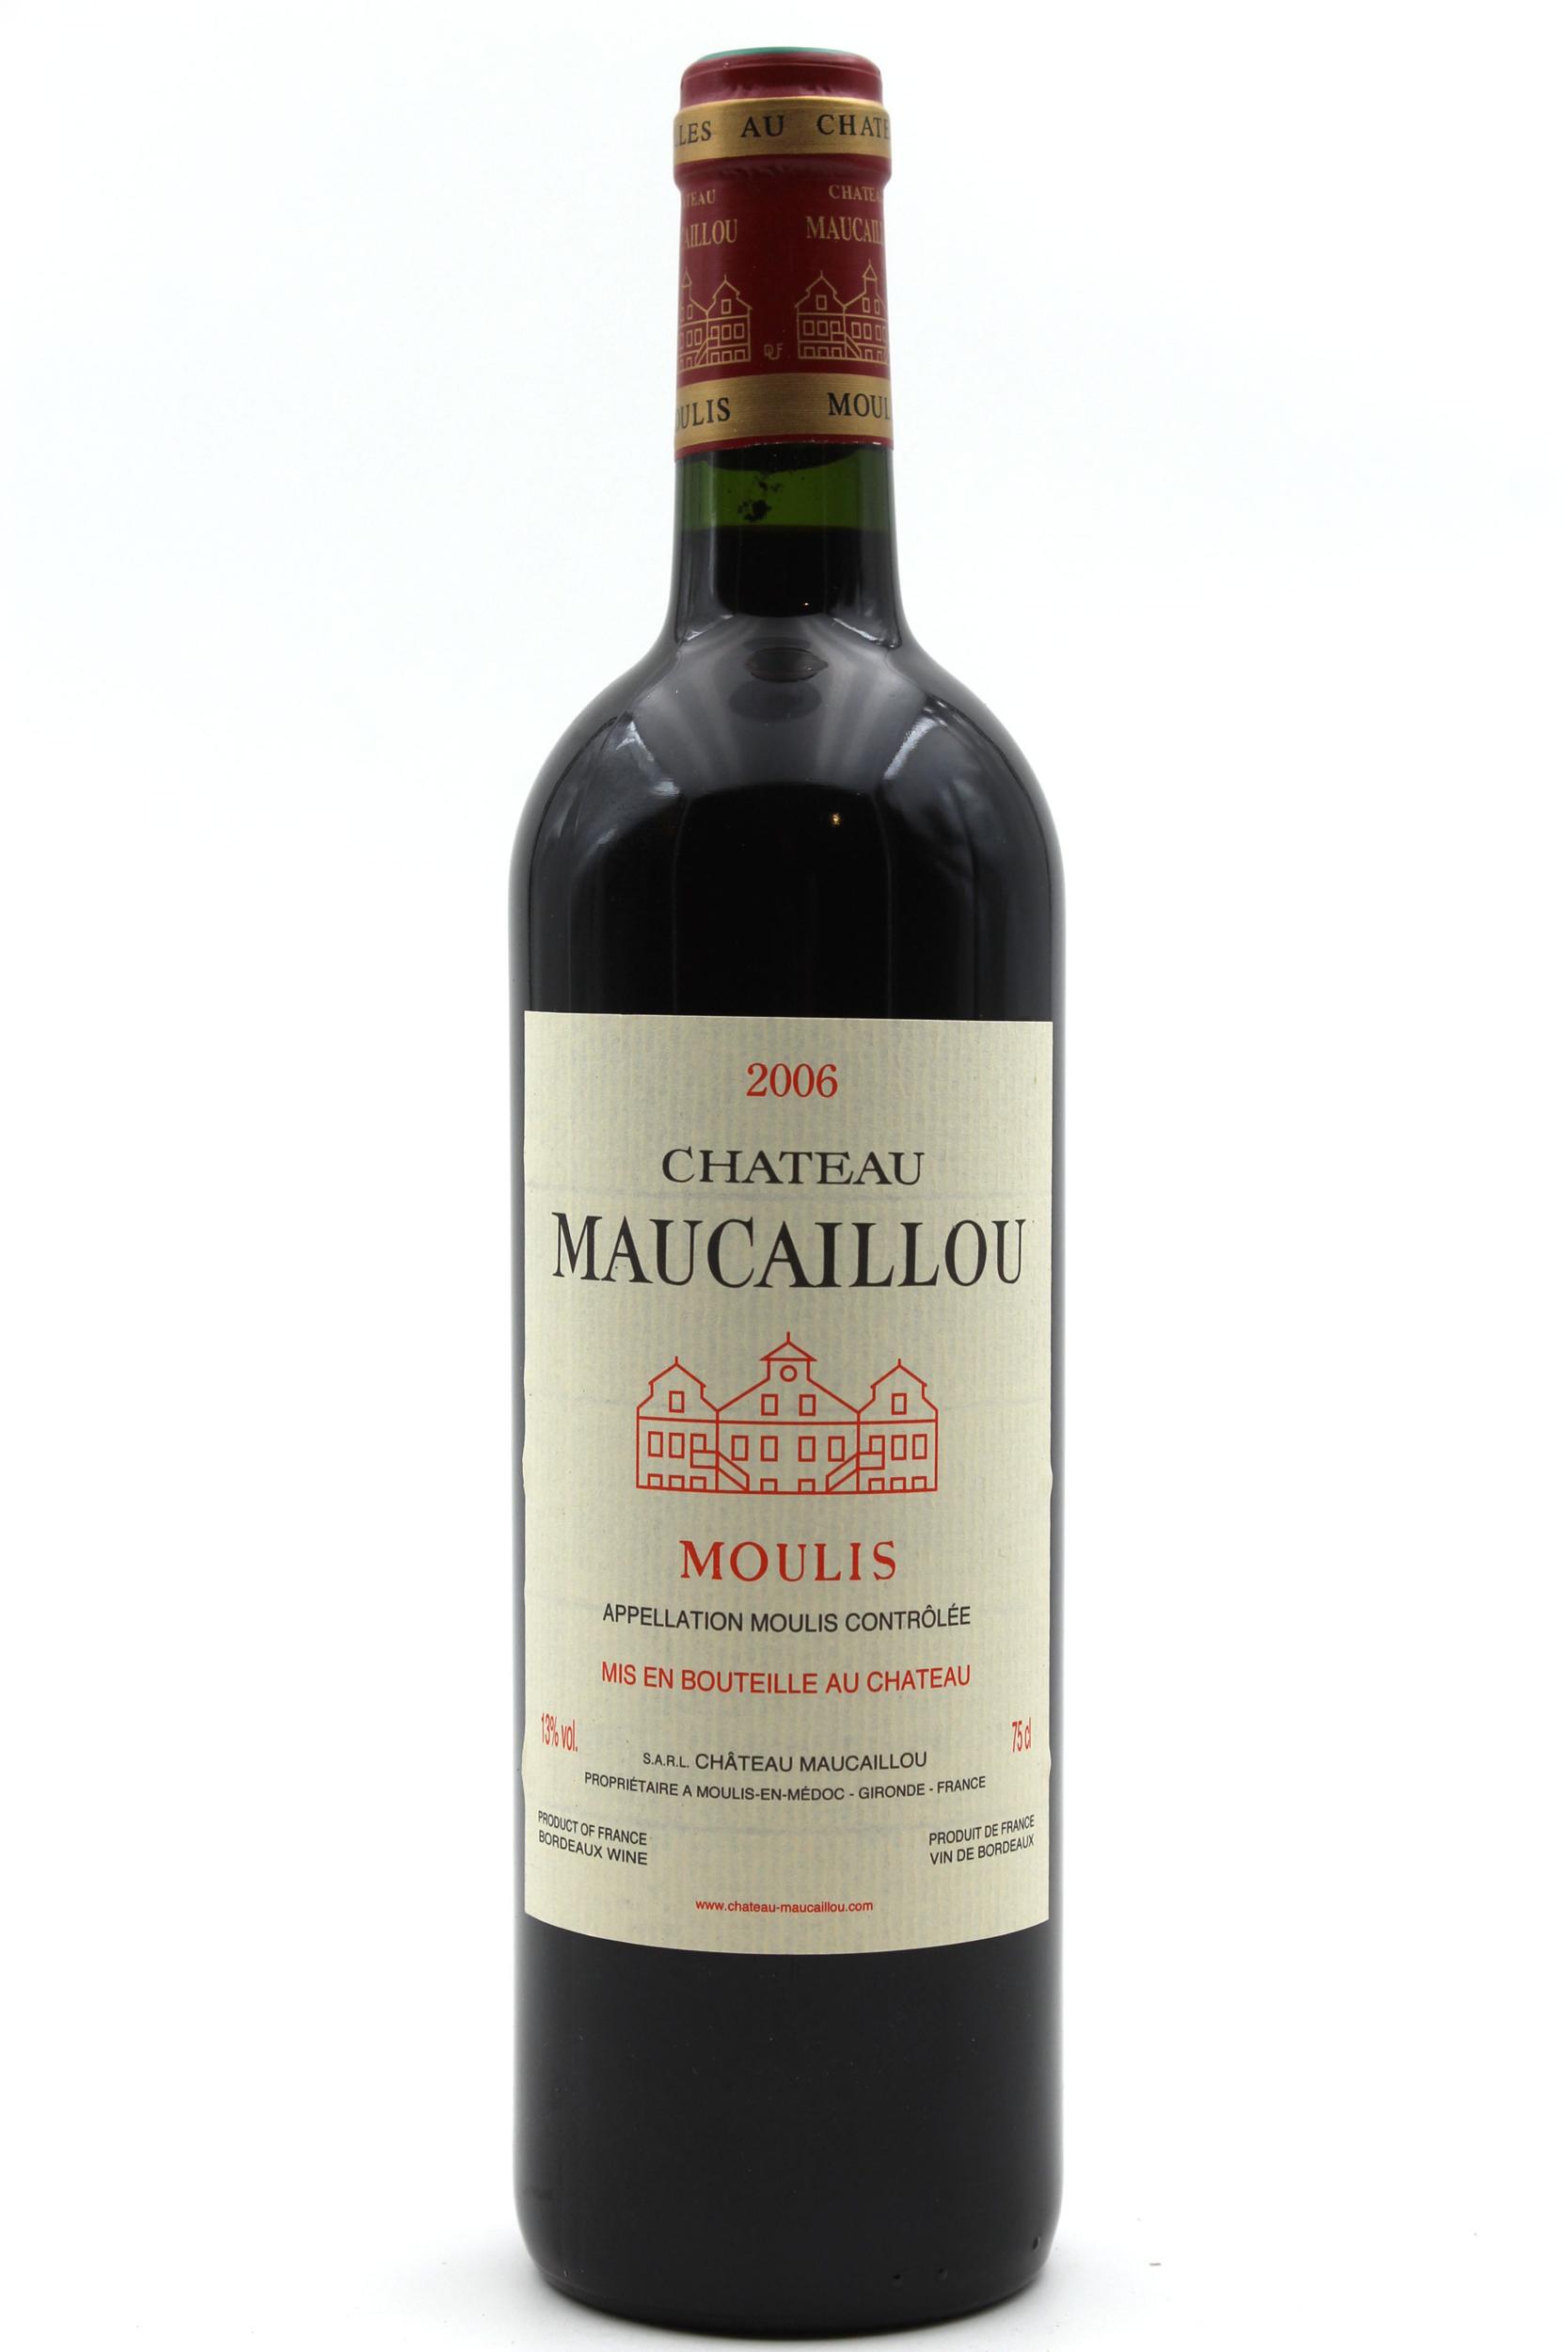 Château Maucaillou 2006 Vin Rouge 75cl AOC Moulis